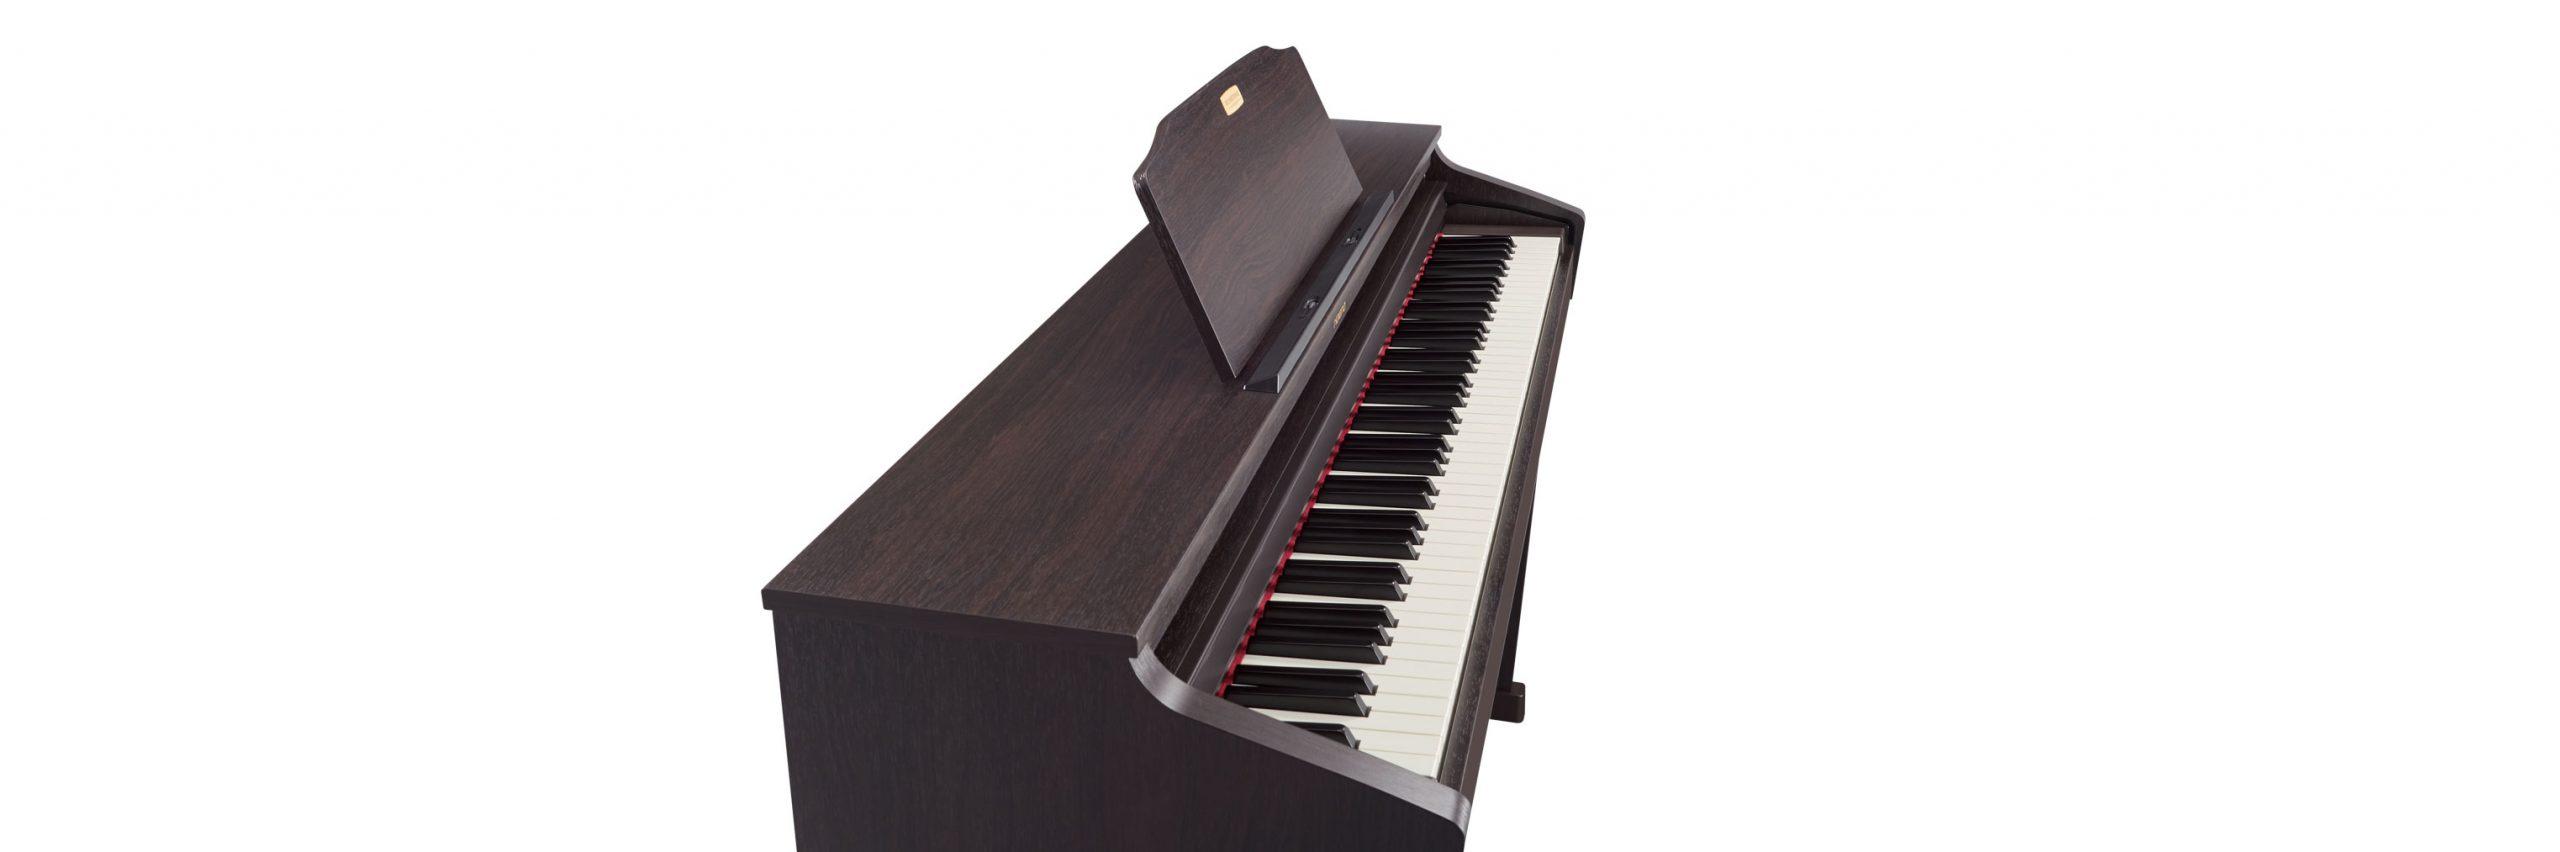 piano-dien-roland-hp-504-r